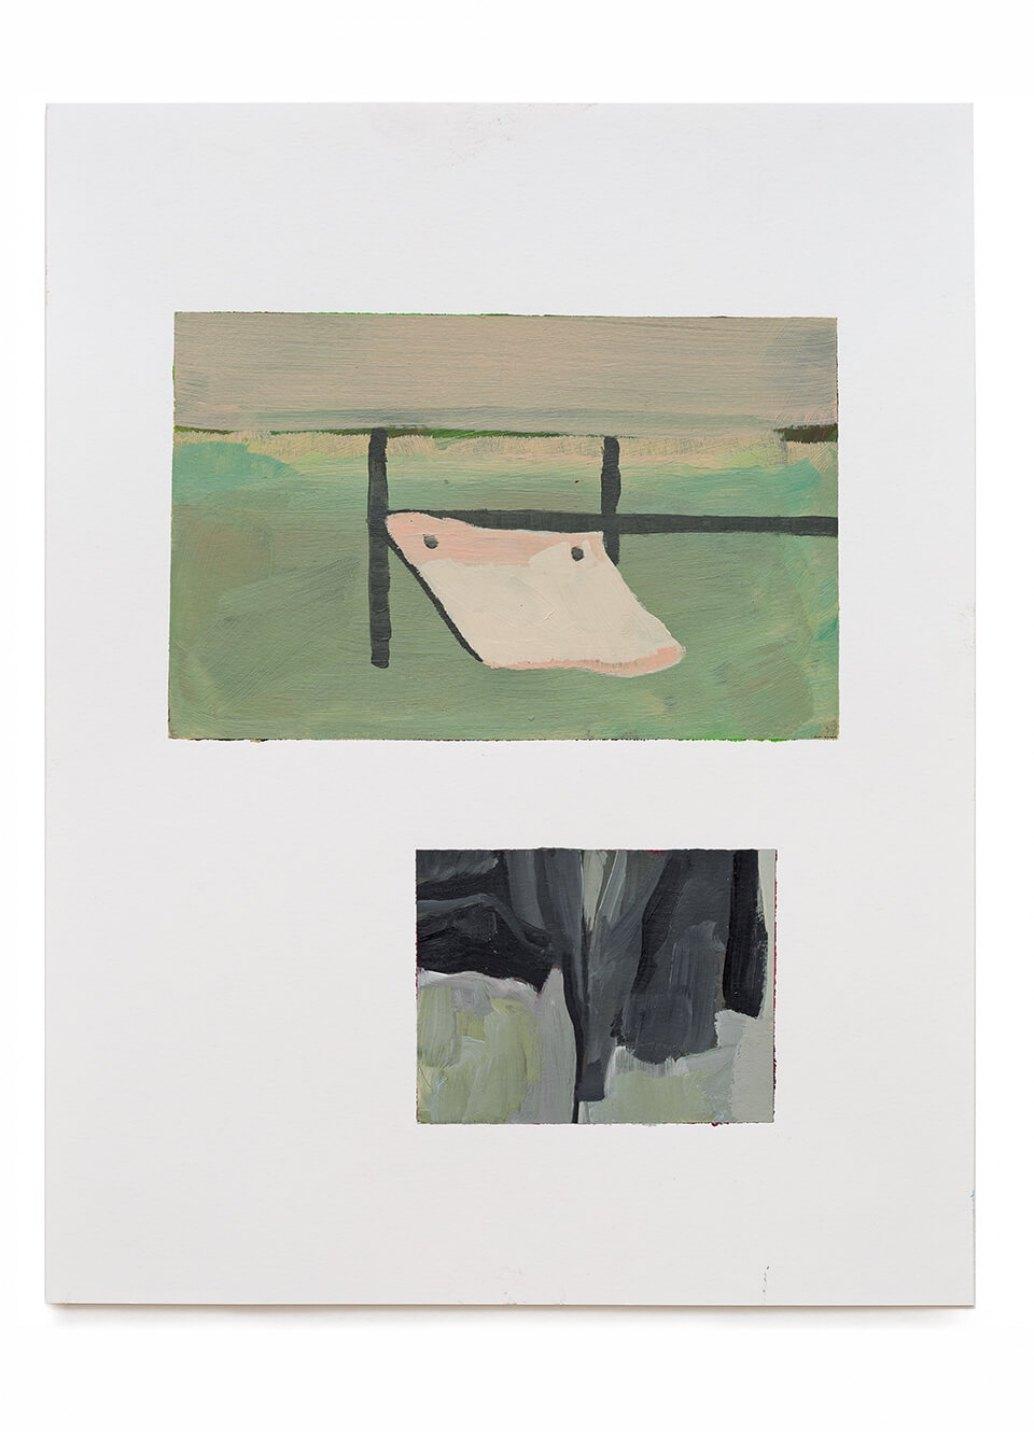 Samuel Rodrigues, <em>untitled</em>, 2014, acrylic on paper, 35 × 27 cm - Mendes Wood DM